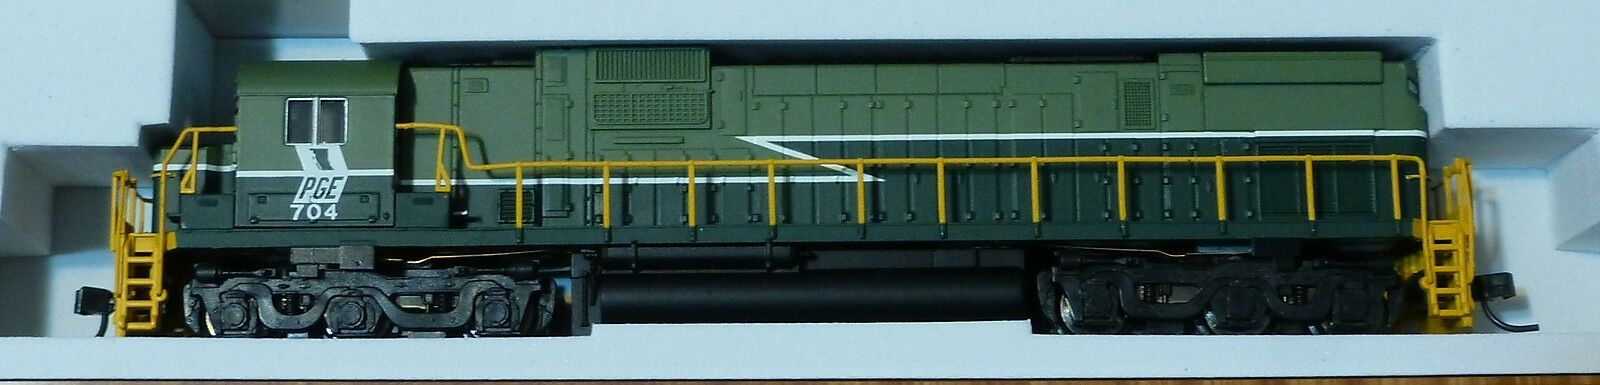 Atlas N   40001983 Pacific Great Eastern (Rd   704) C-630 (Locomotora) Dc